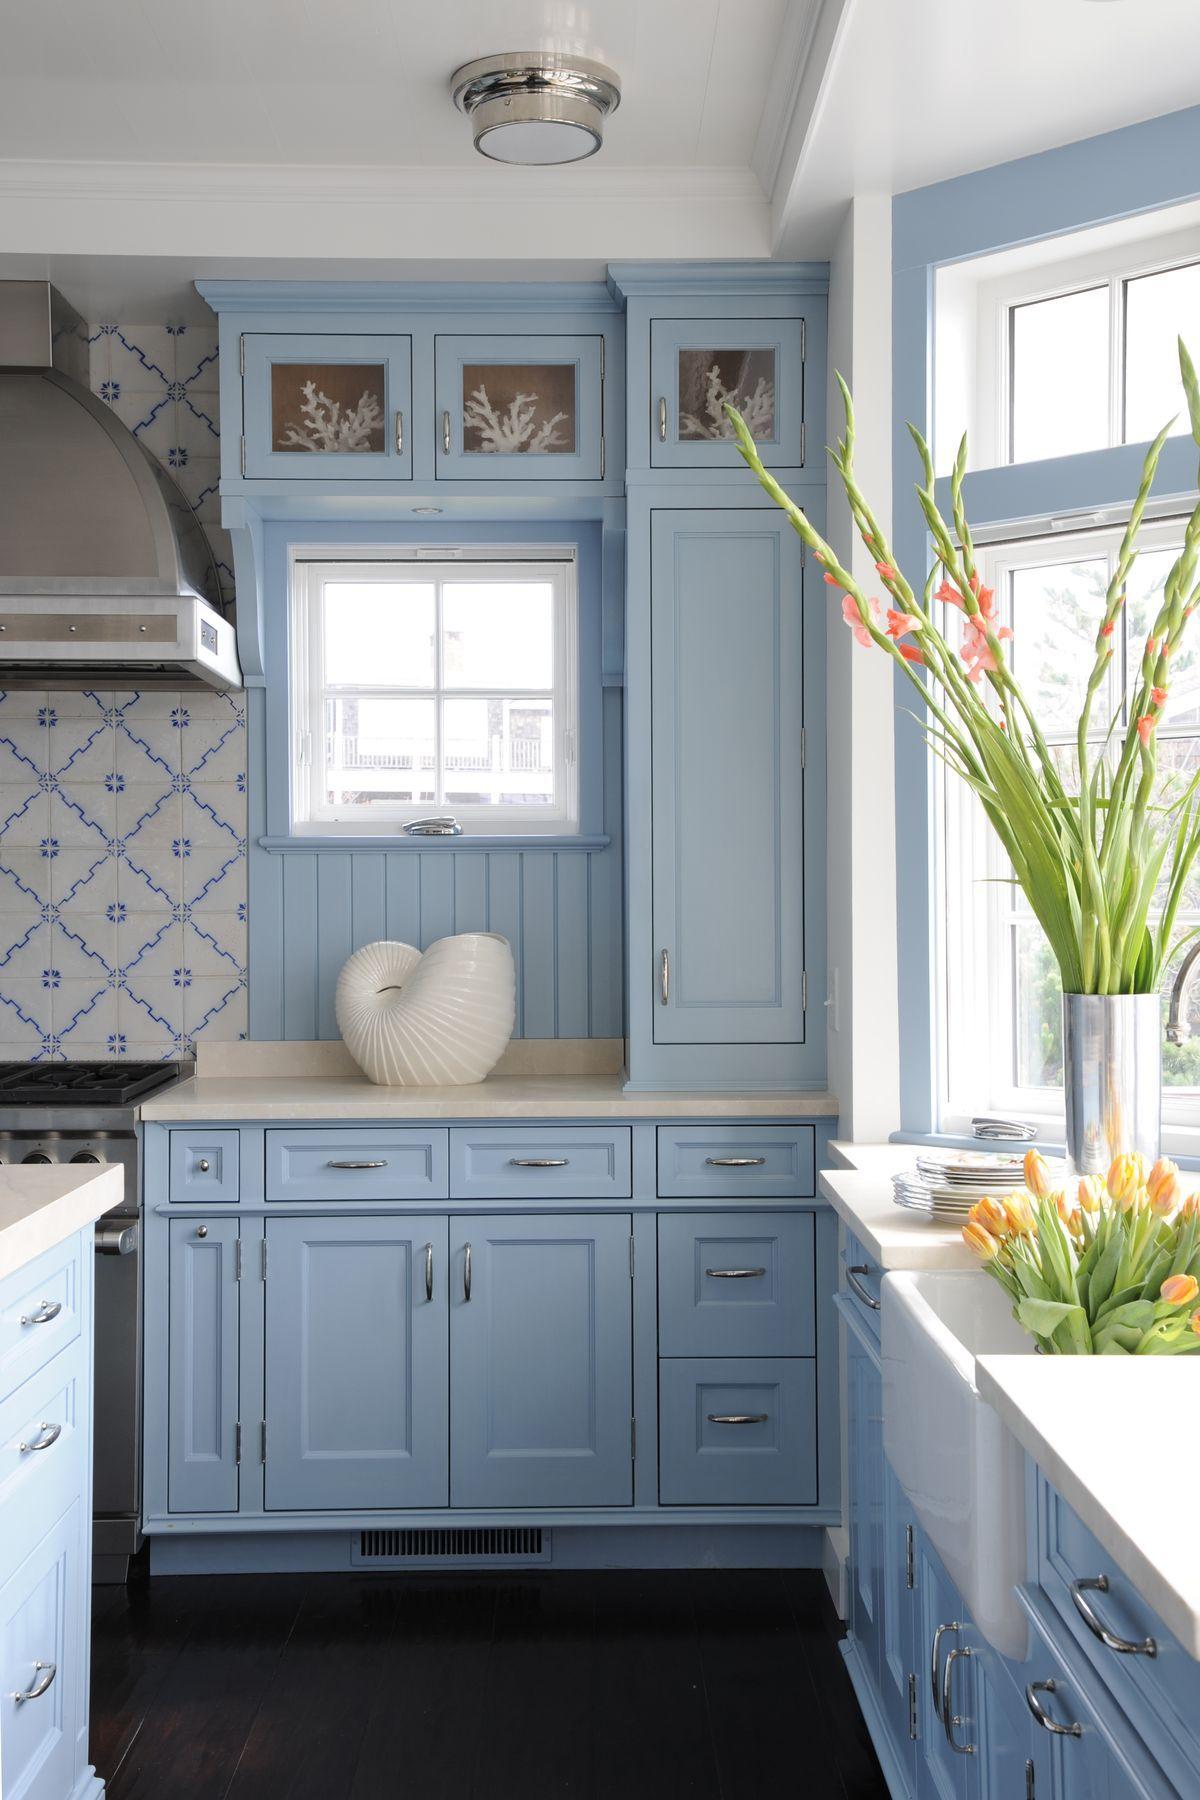 French Blue Martine Haddouche Interior Design Kitchen Home Blue Kitchen Cabinets